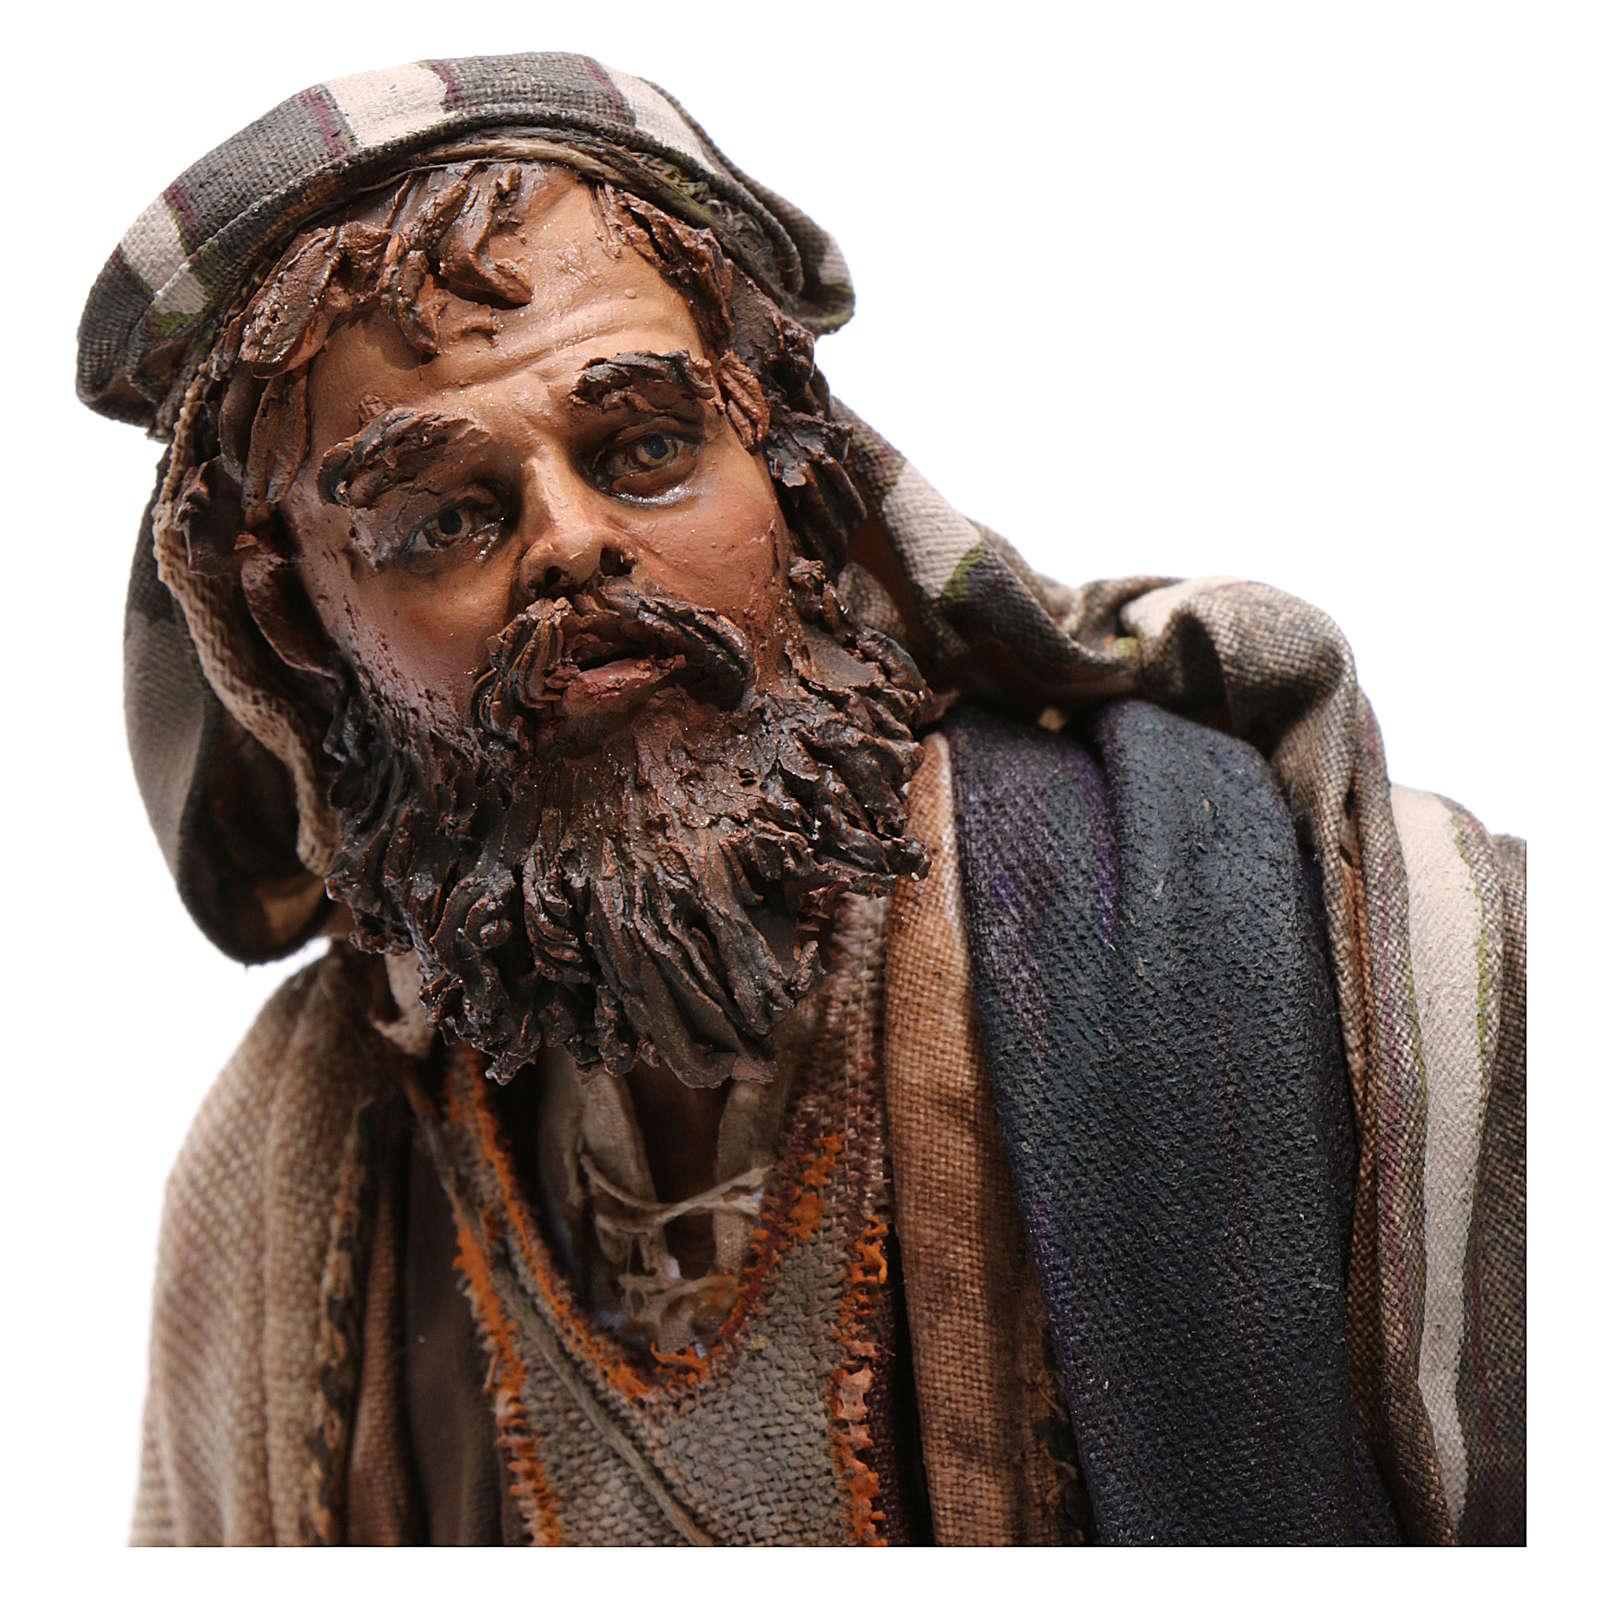 Fuga in Egitto, scena 30 cm Presepe Tripi 4